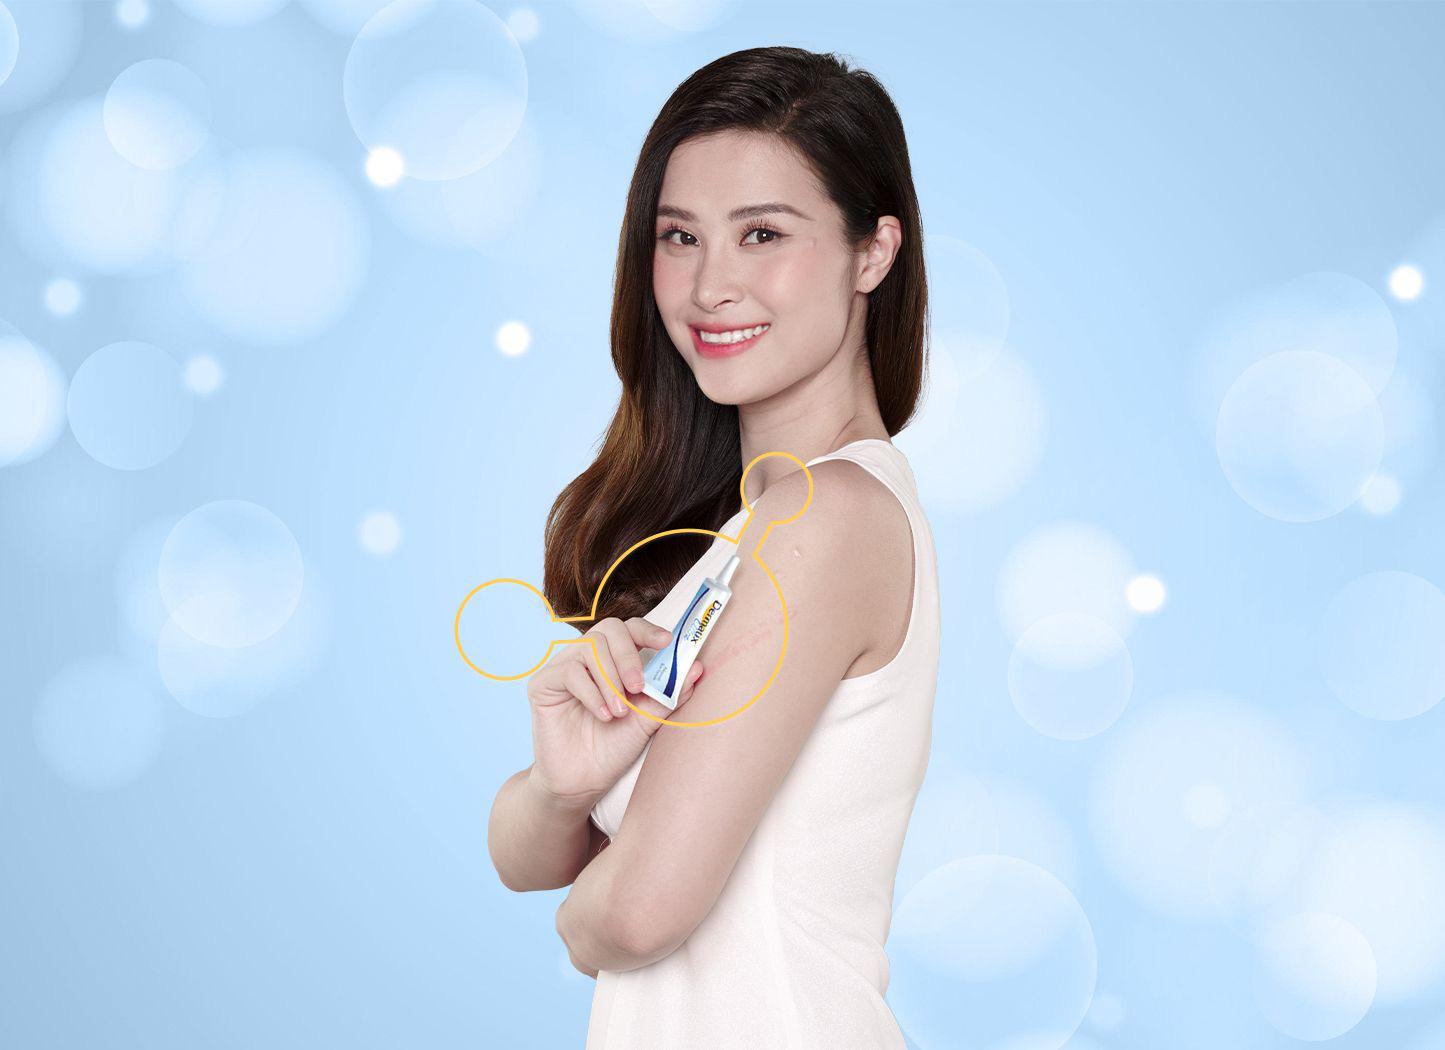 Dermatix® Ultra - giải pháp trị sẹo hiệu quả đã được chứng minh lâm sàng - Ảnh 1.